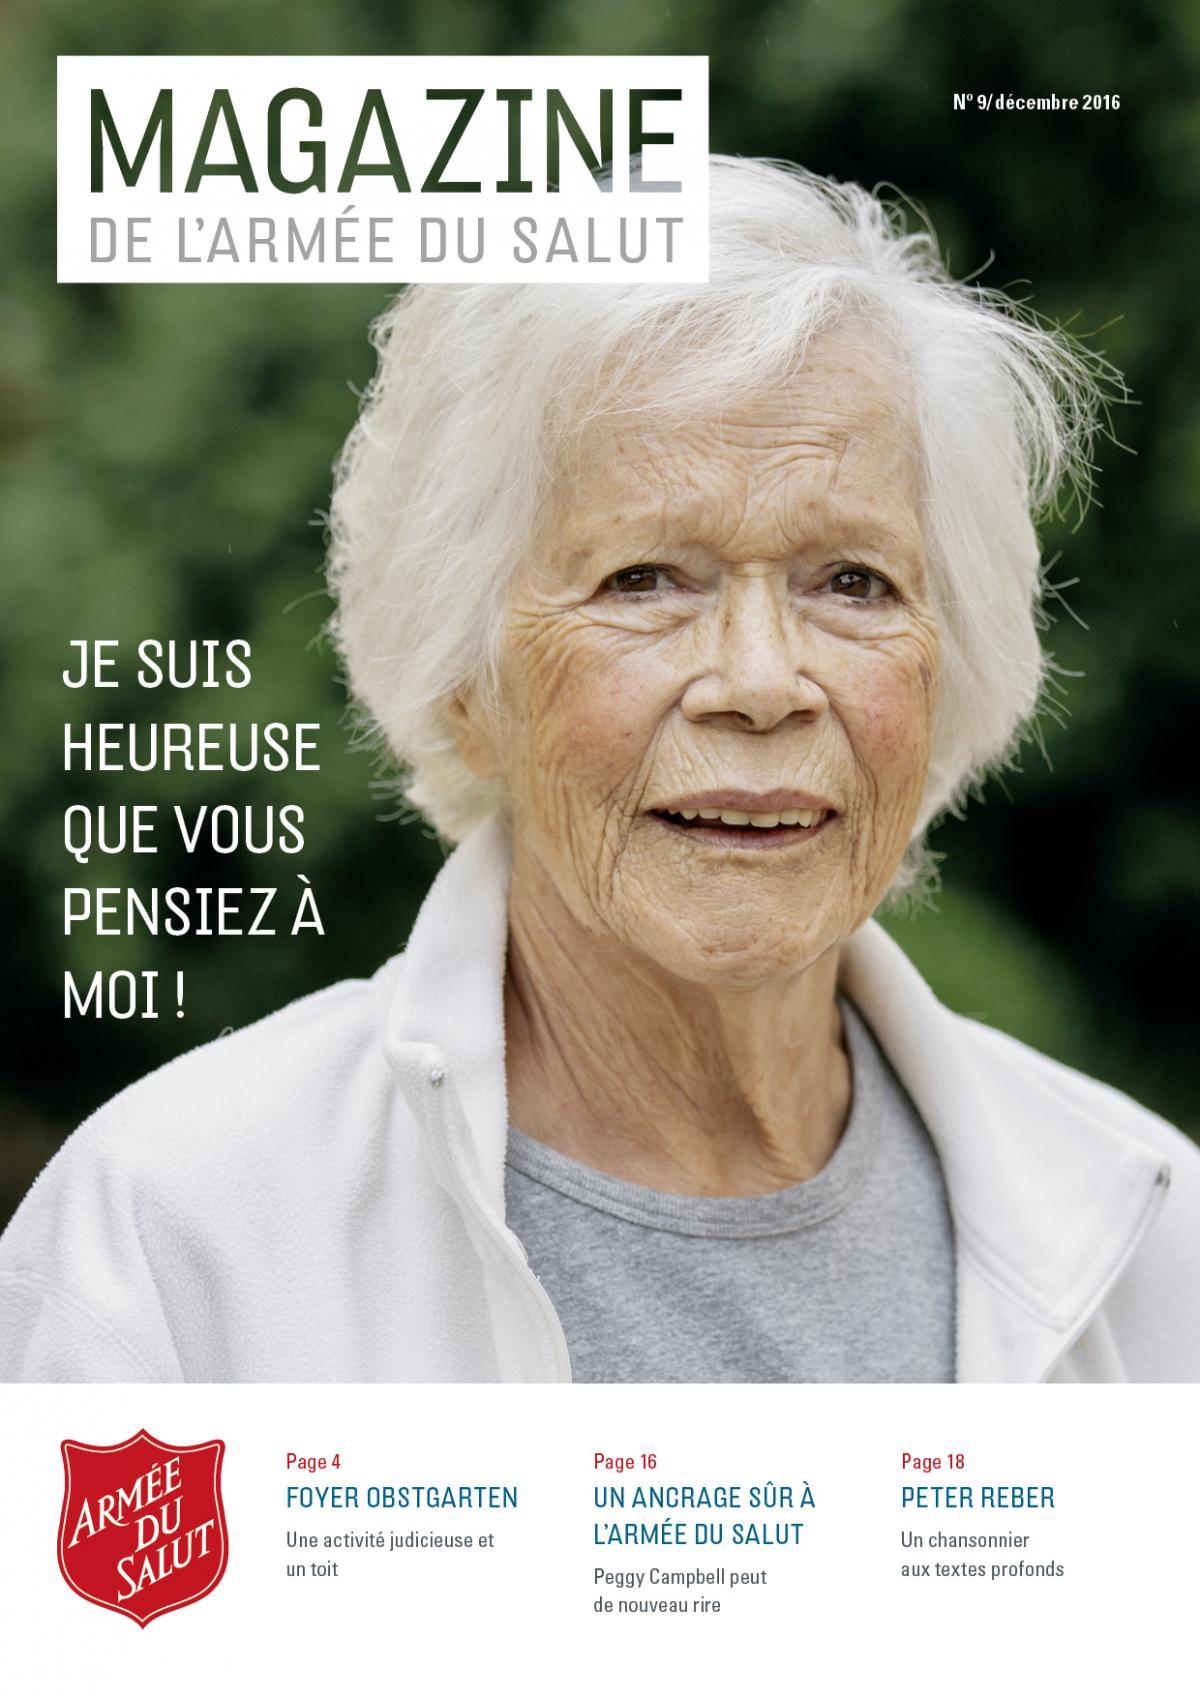 Magazine 9, Déc. 2016